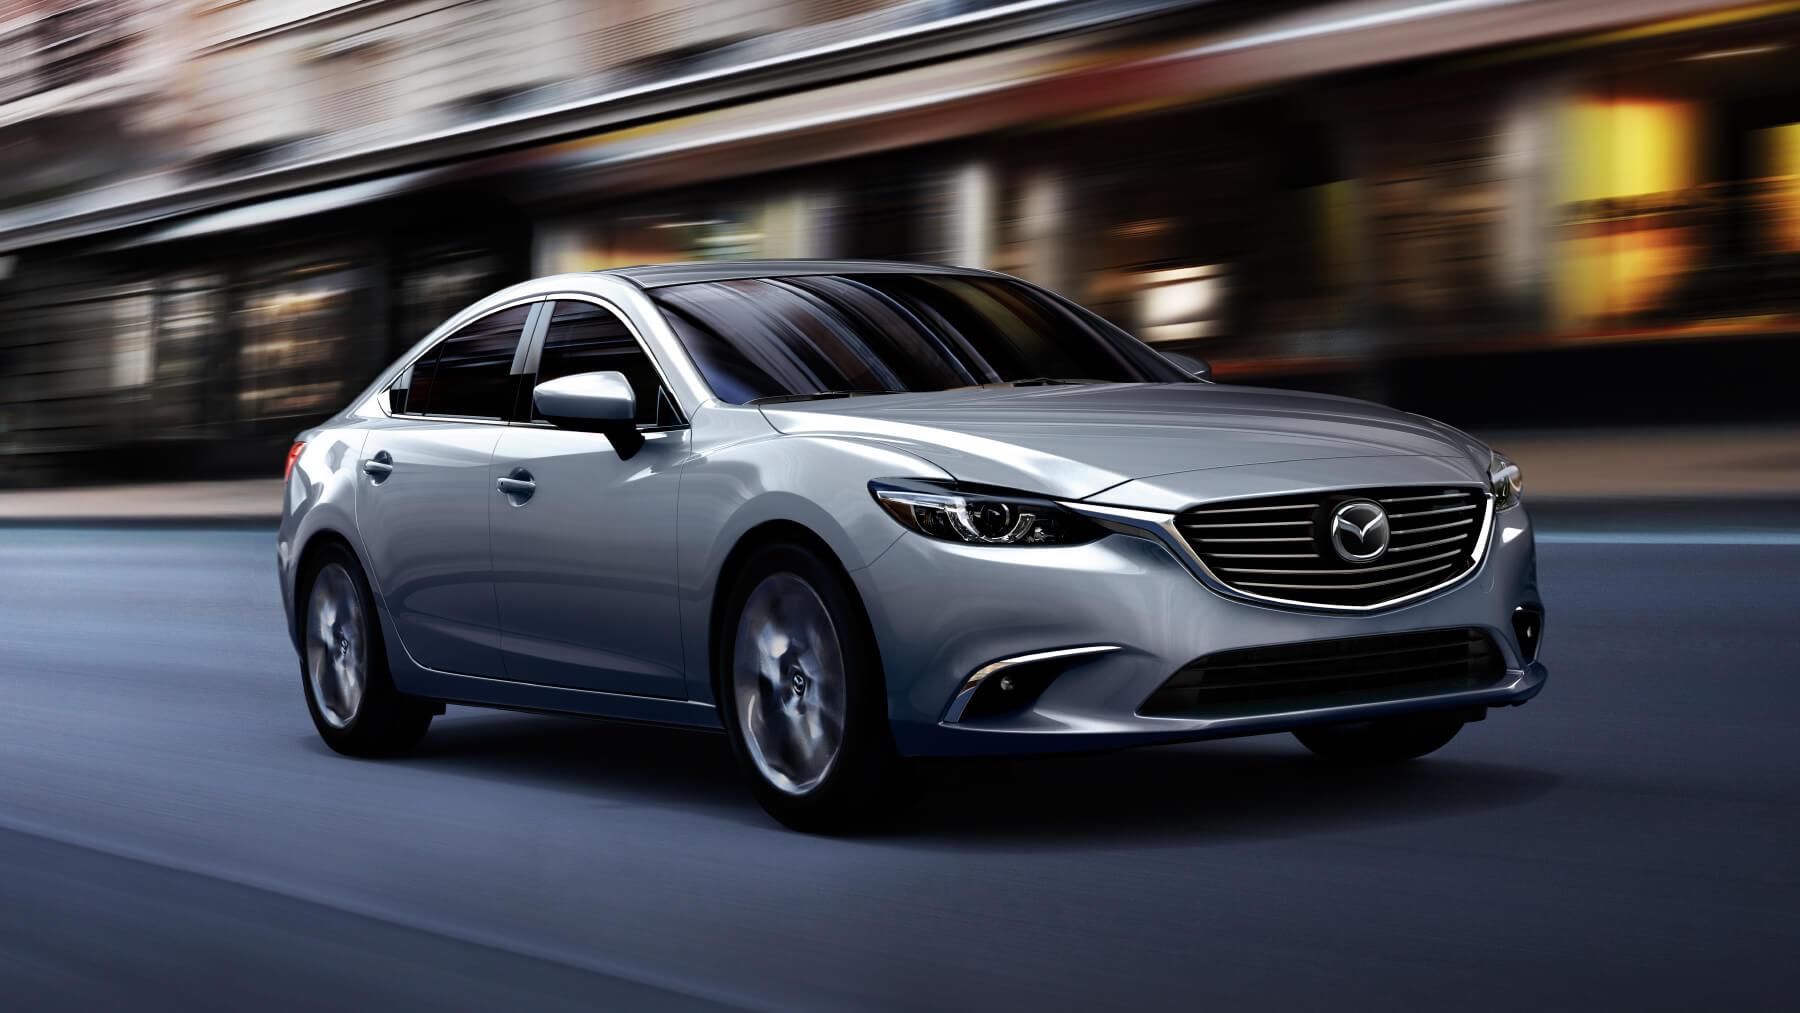 2016 Mazda 6 Sedan. Vs. 2016 Ford Fusion